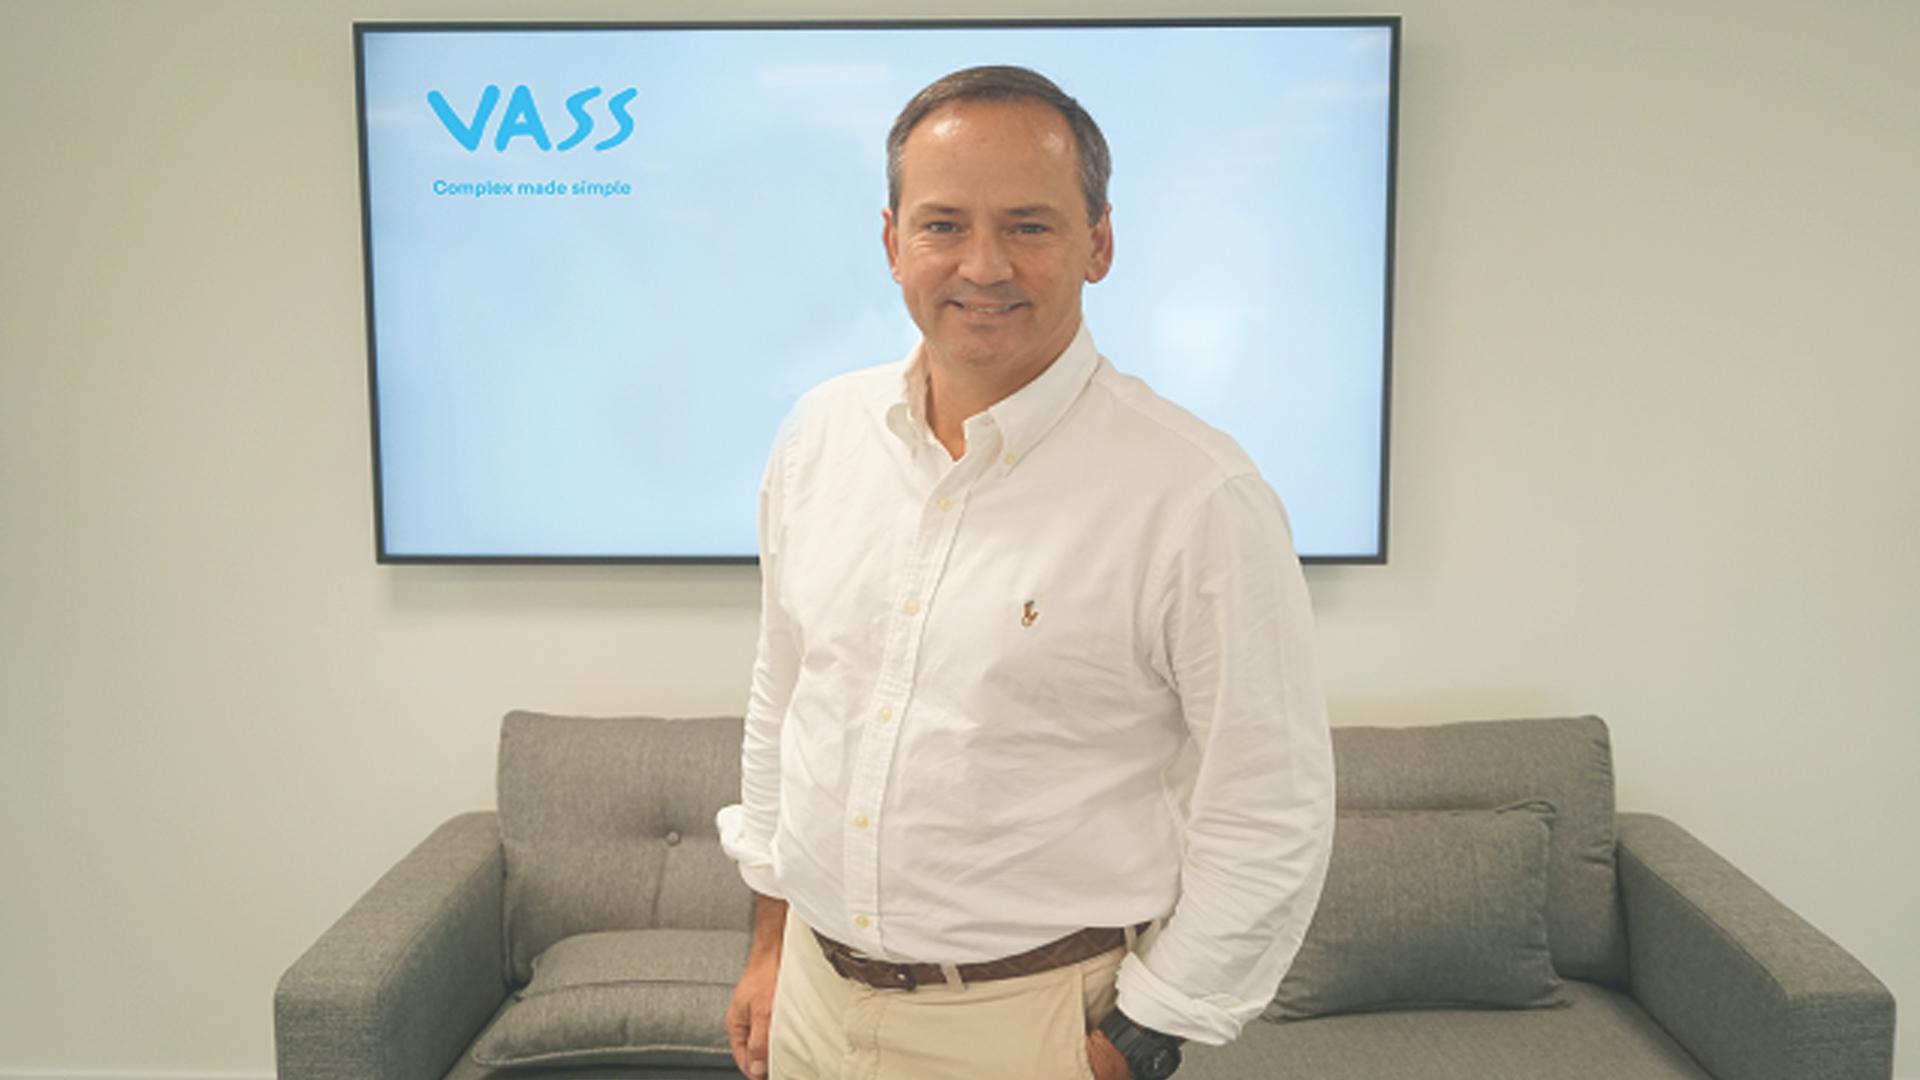 VASS supera los 142 millones de facturación y crece un 5,15% en 2020